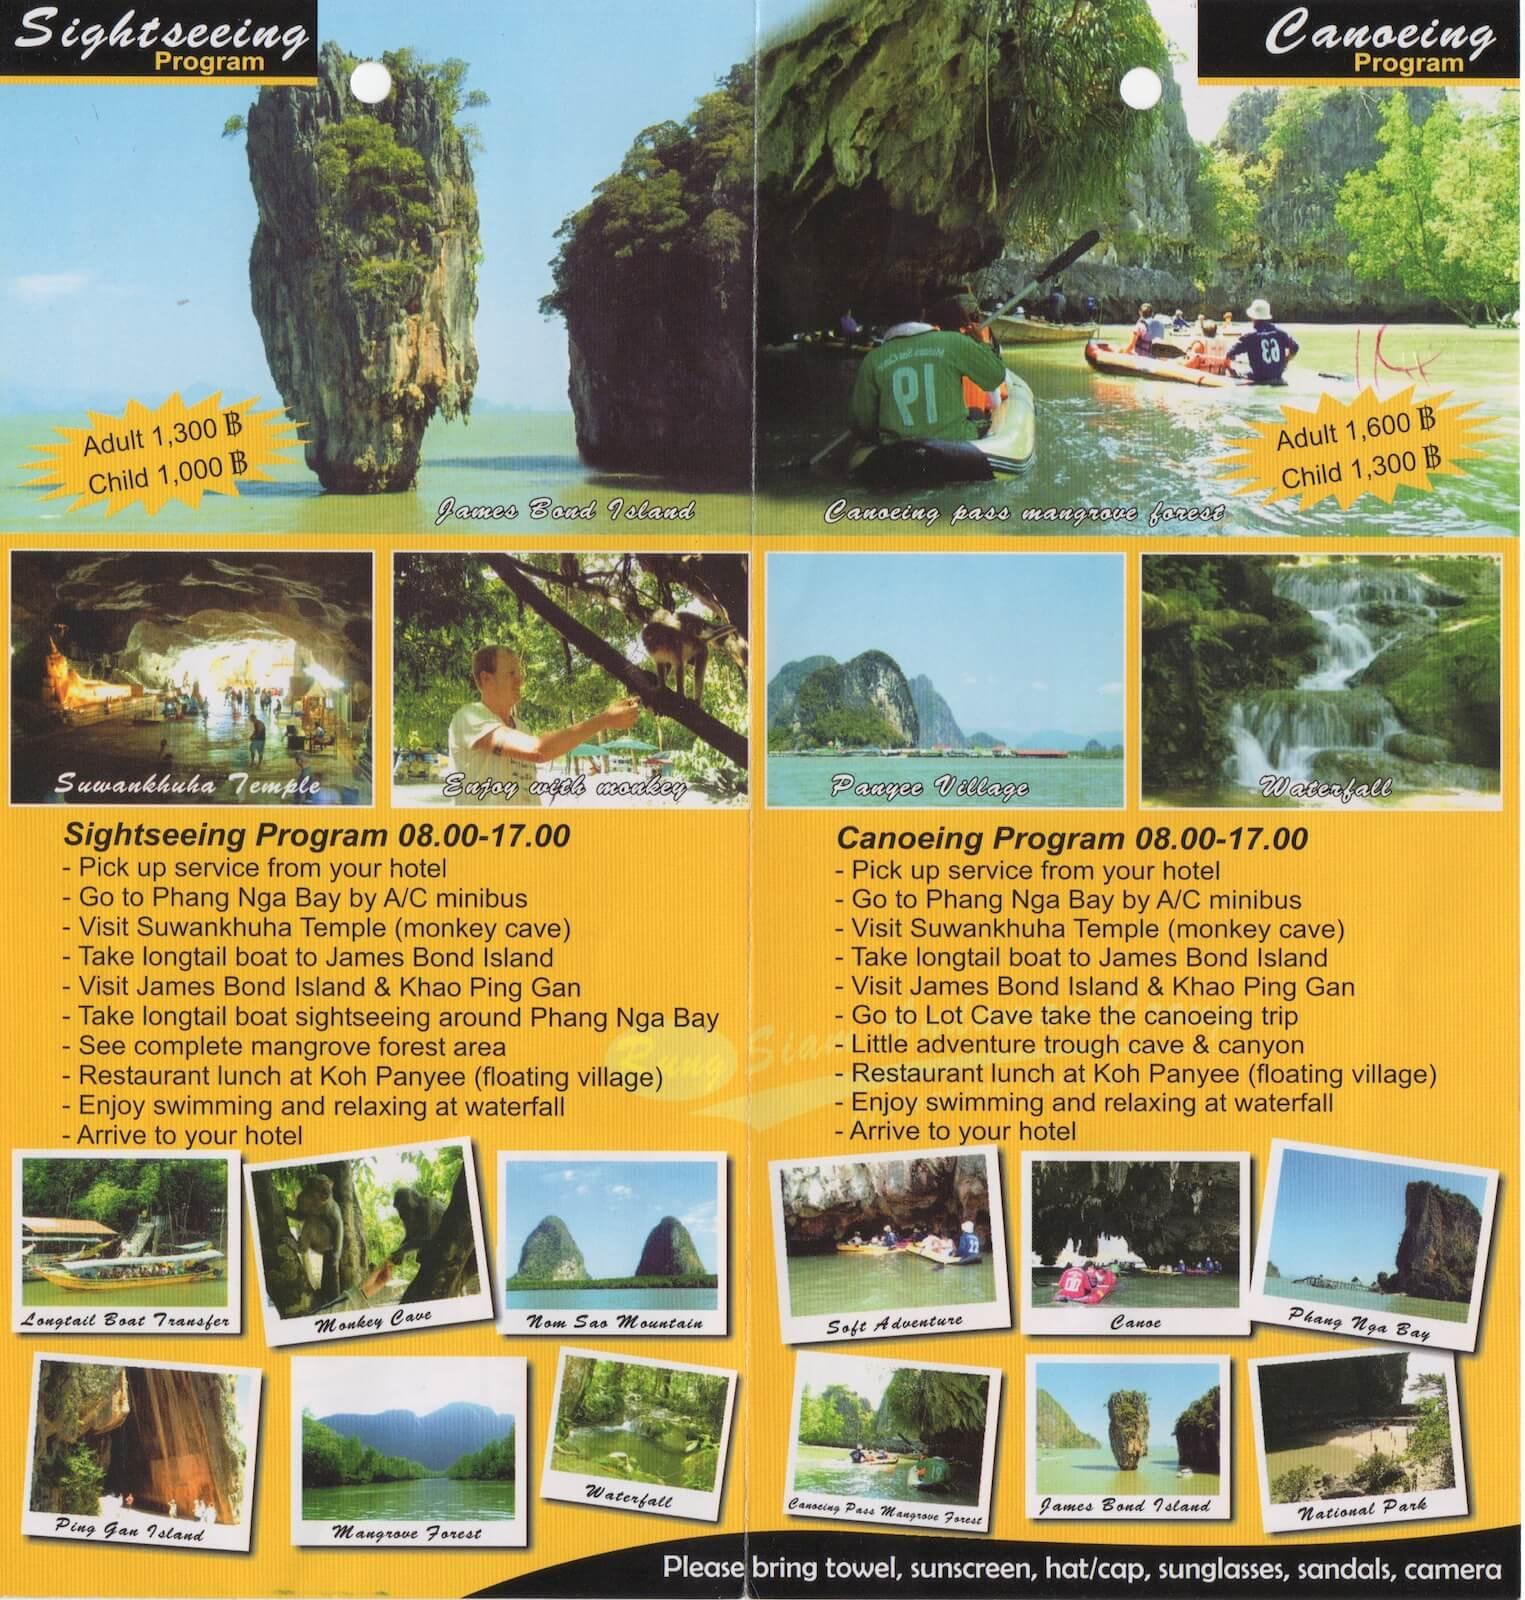 Тур на остров Джеймса Бонда в Краби, цена